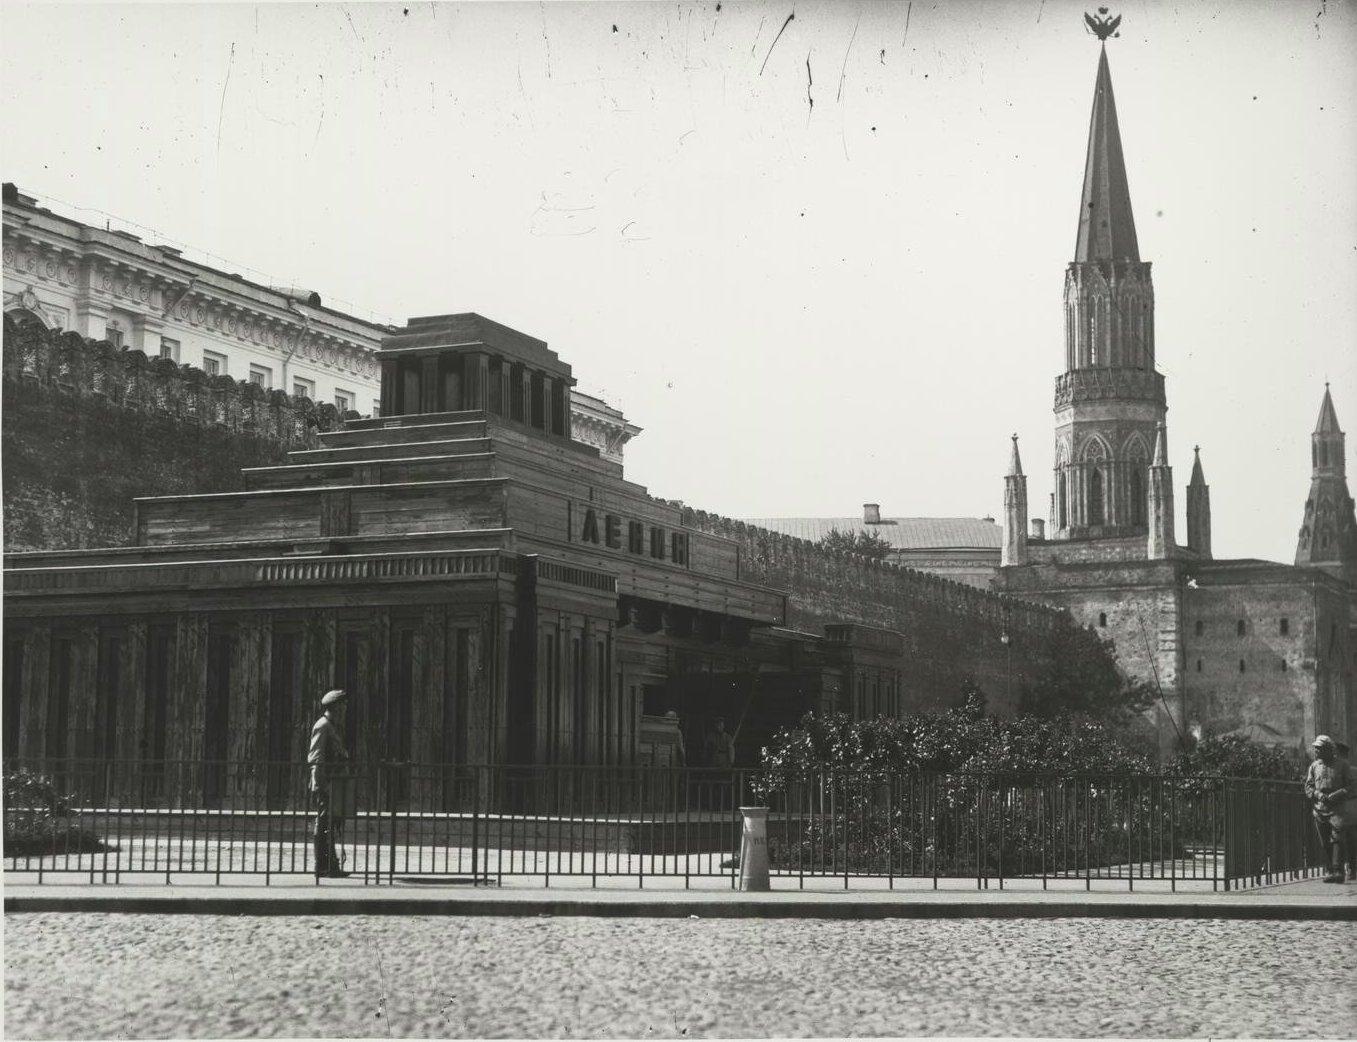 1925. Деревянный Мавзолей на фоне Никольской башни Кремля